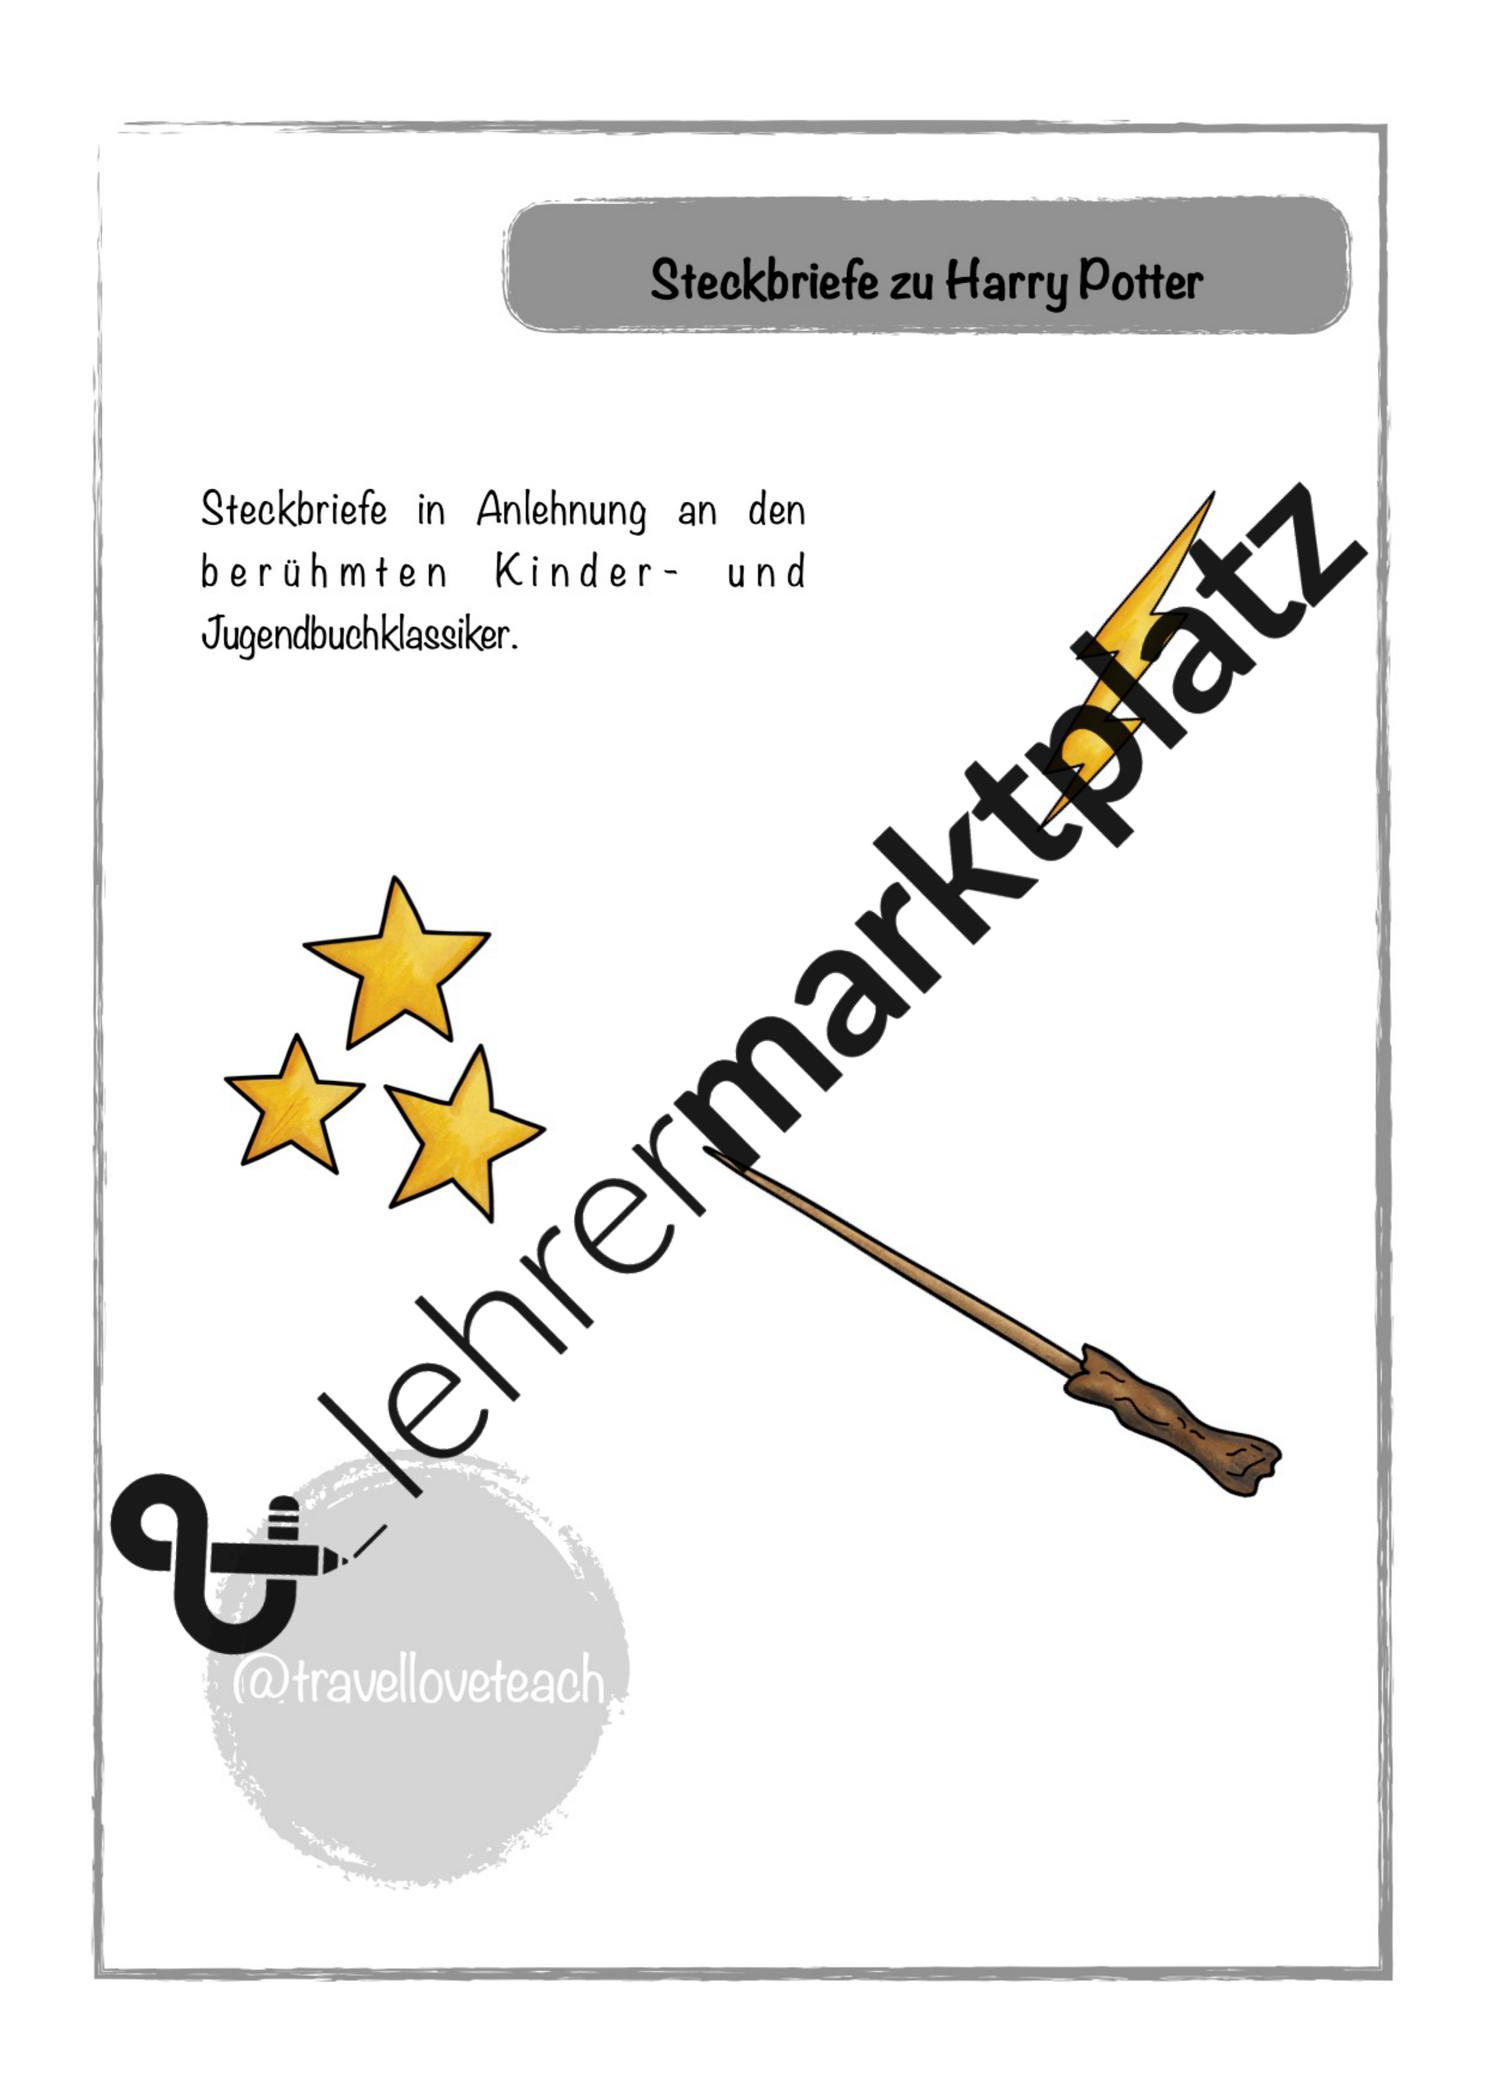 Steckbriefe Harry Potter Unterrichtsmaterial Im Fach Deutsch Harry Potter Steckbrief Steckbrief Harry Potter